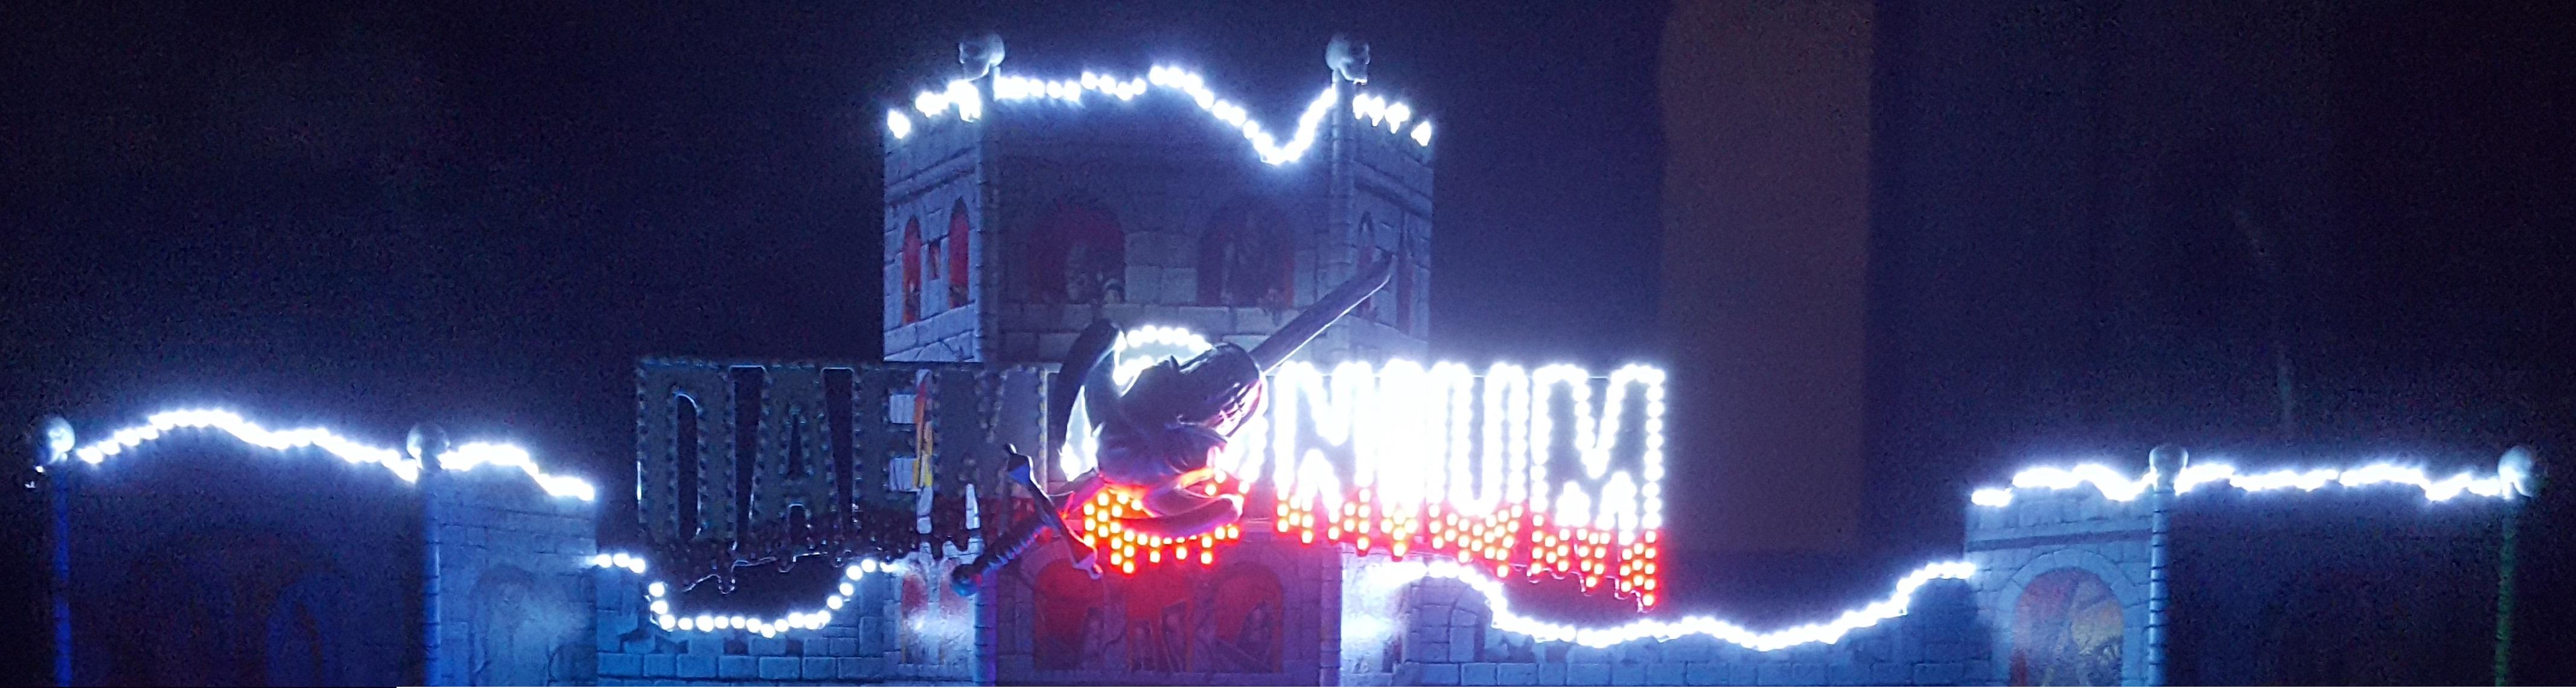 Daemonium facade illuminée